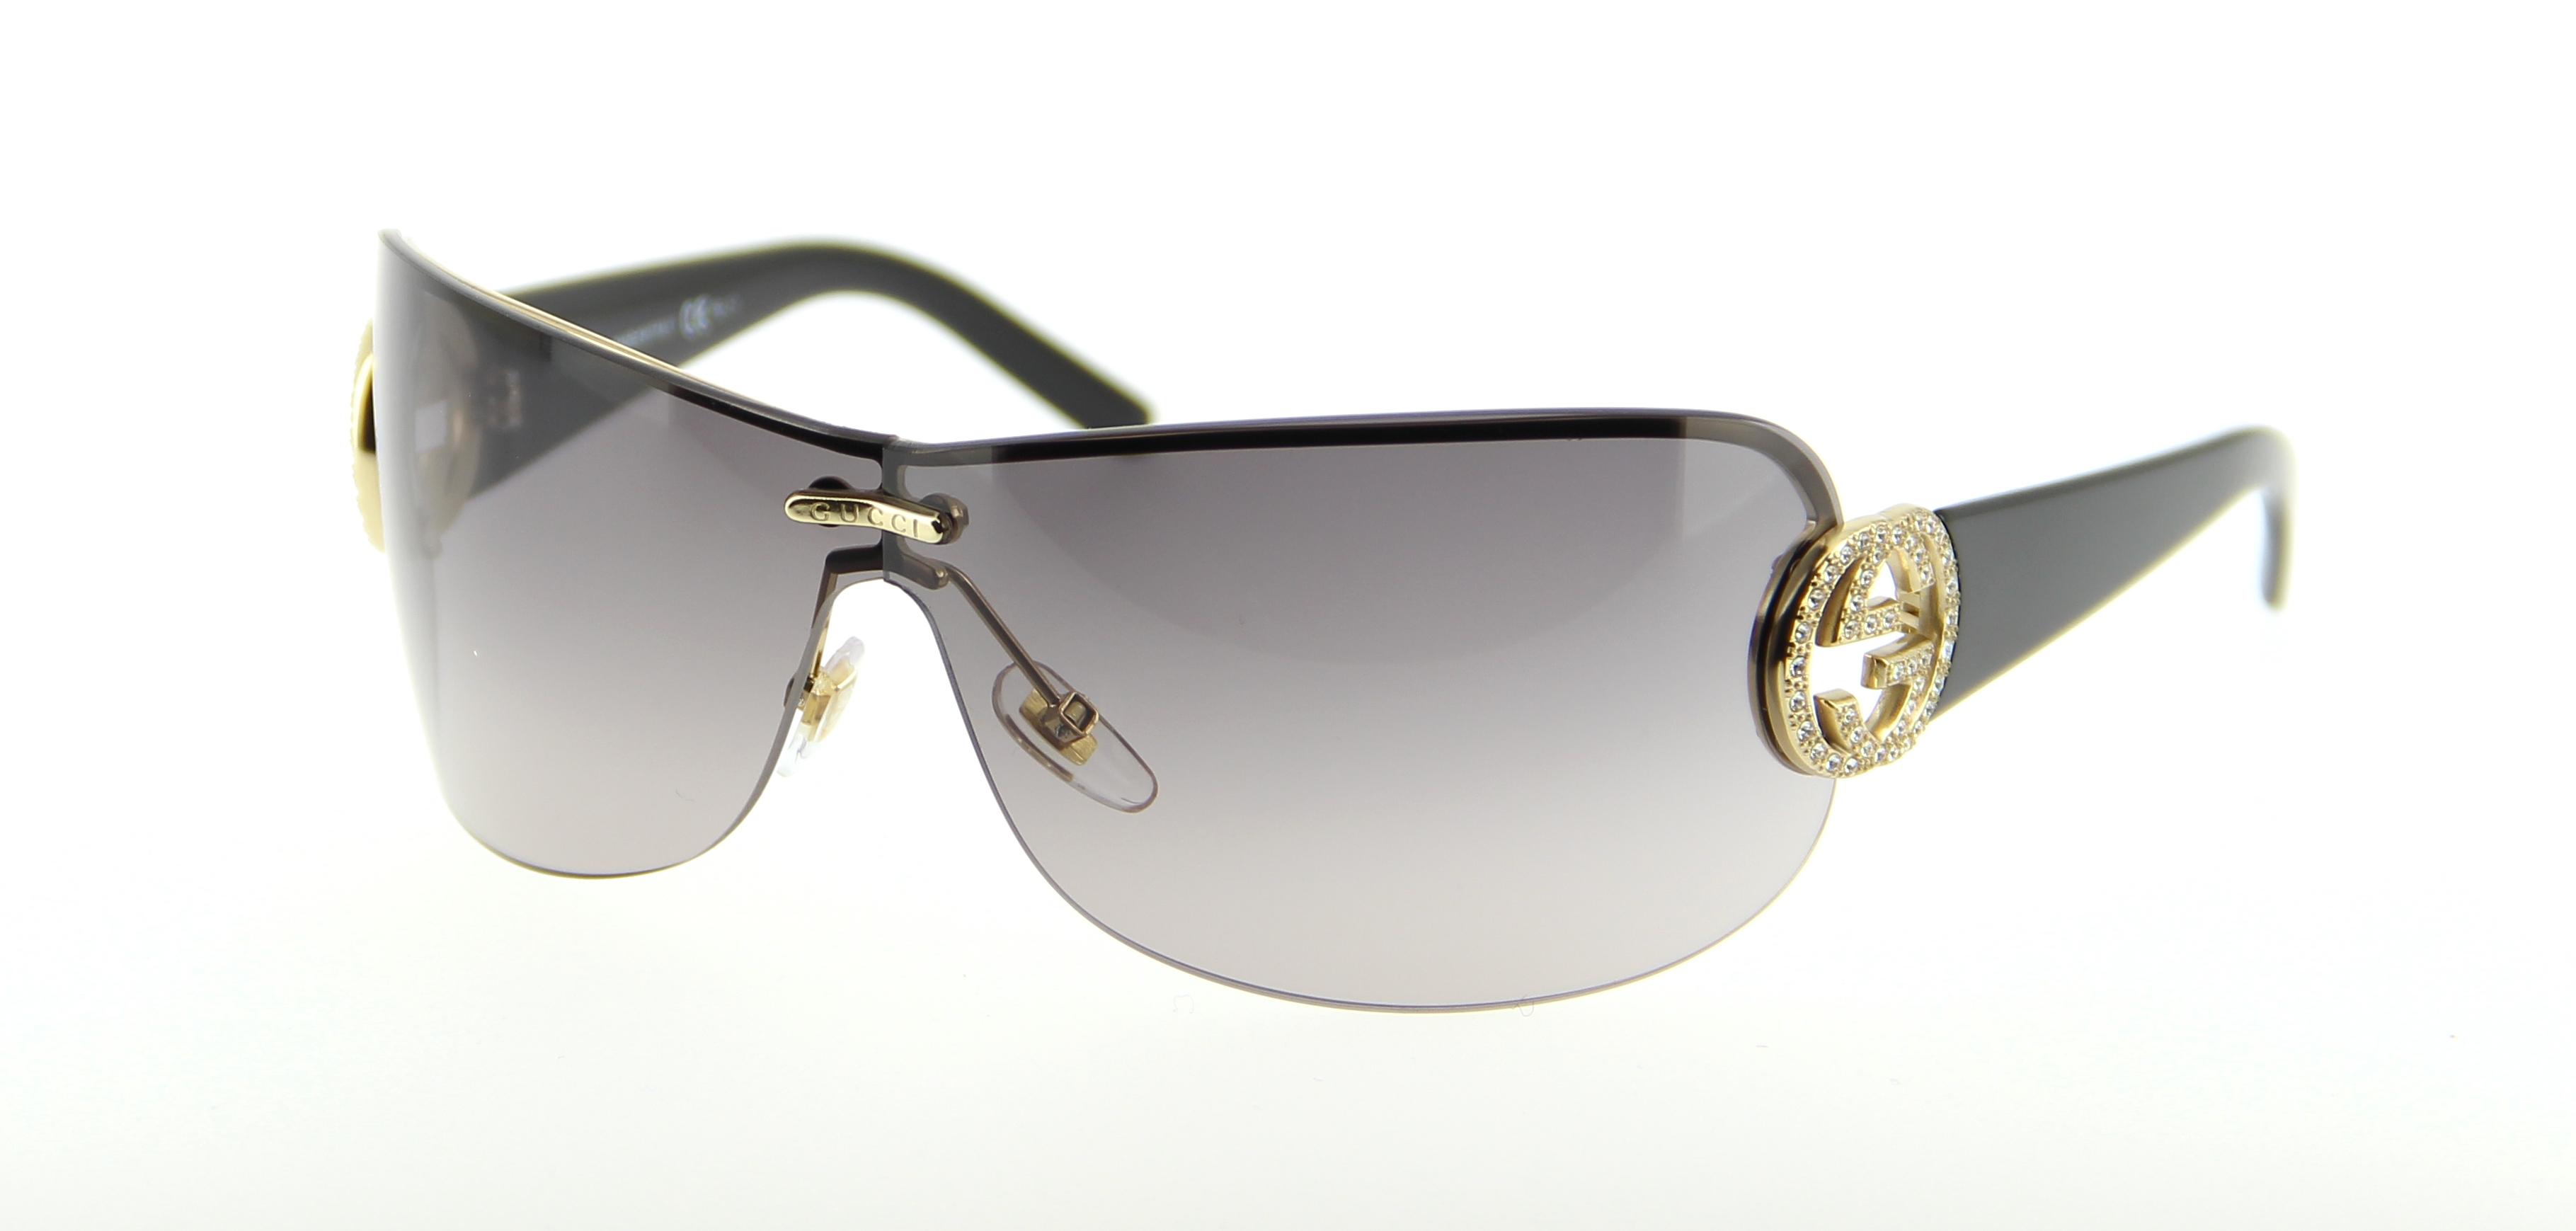 lunette de soleil masque femme gucci david simchi levi